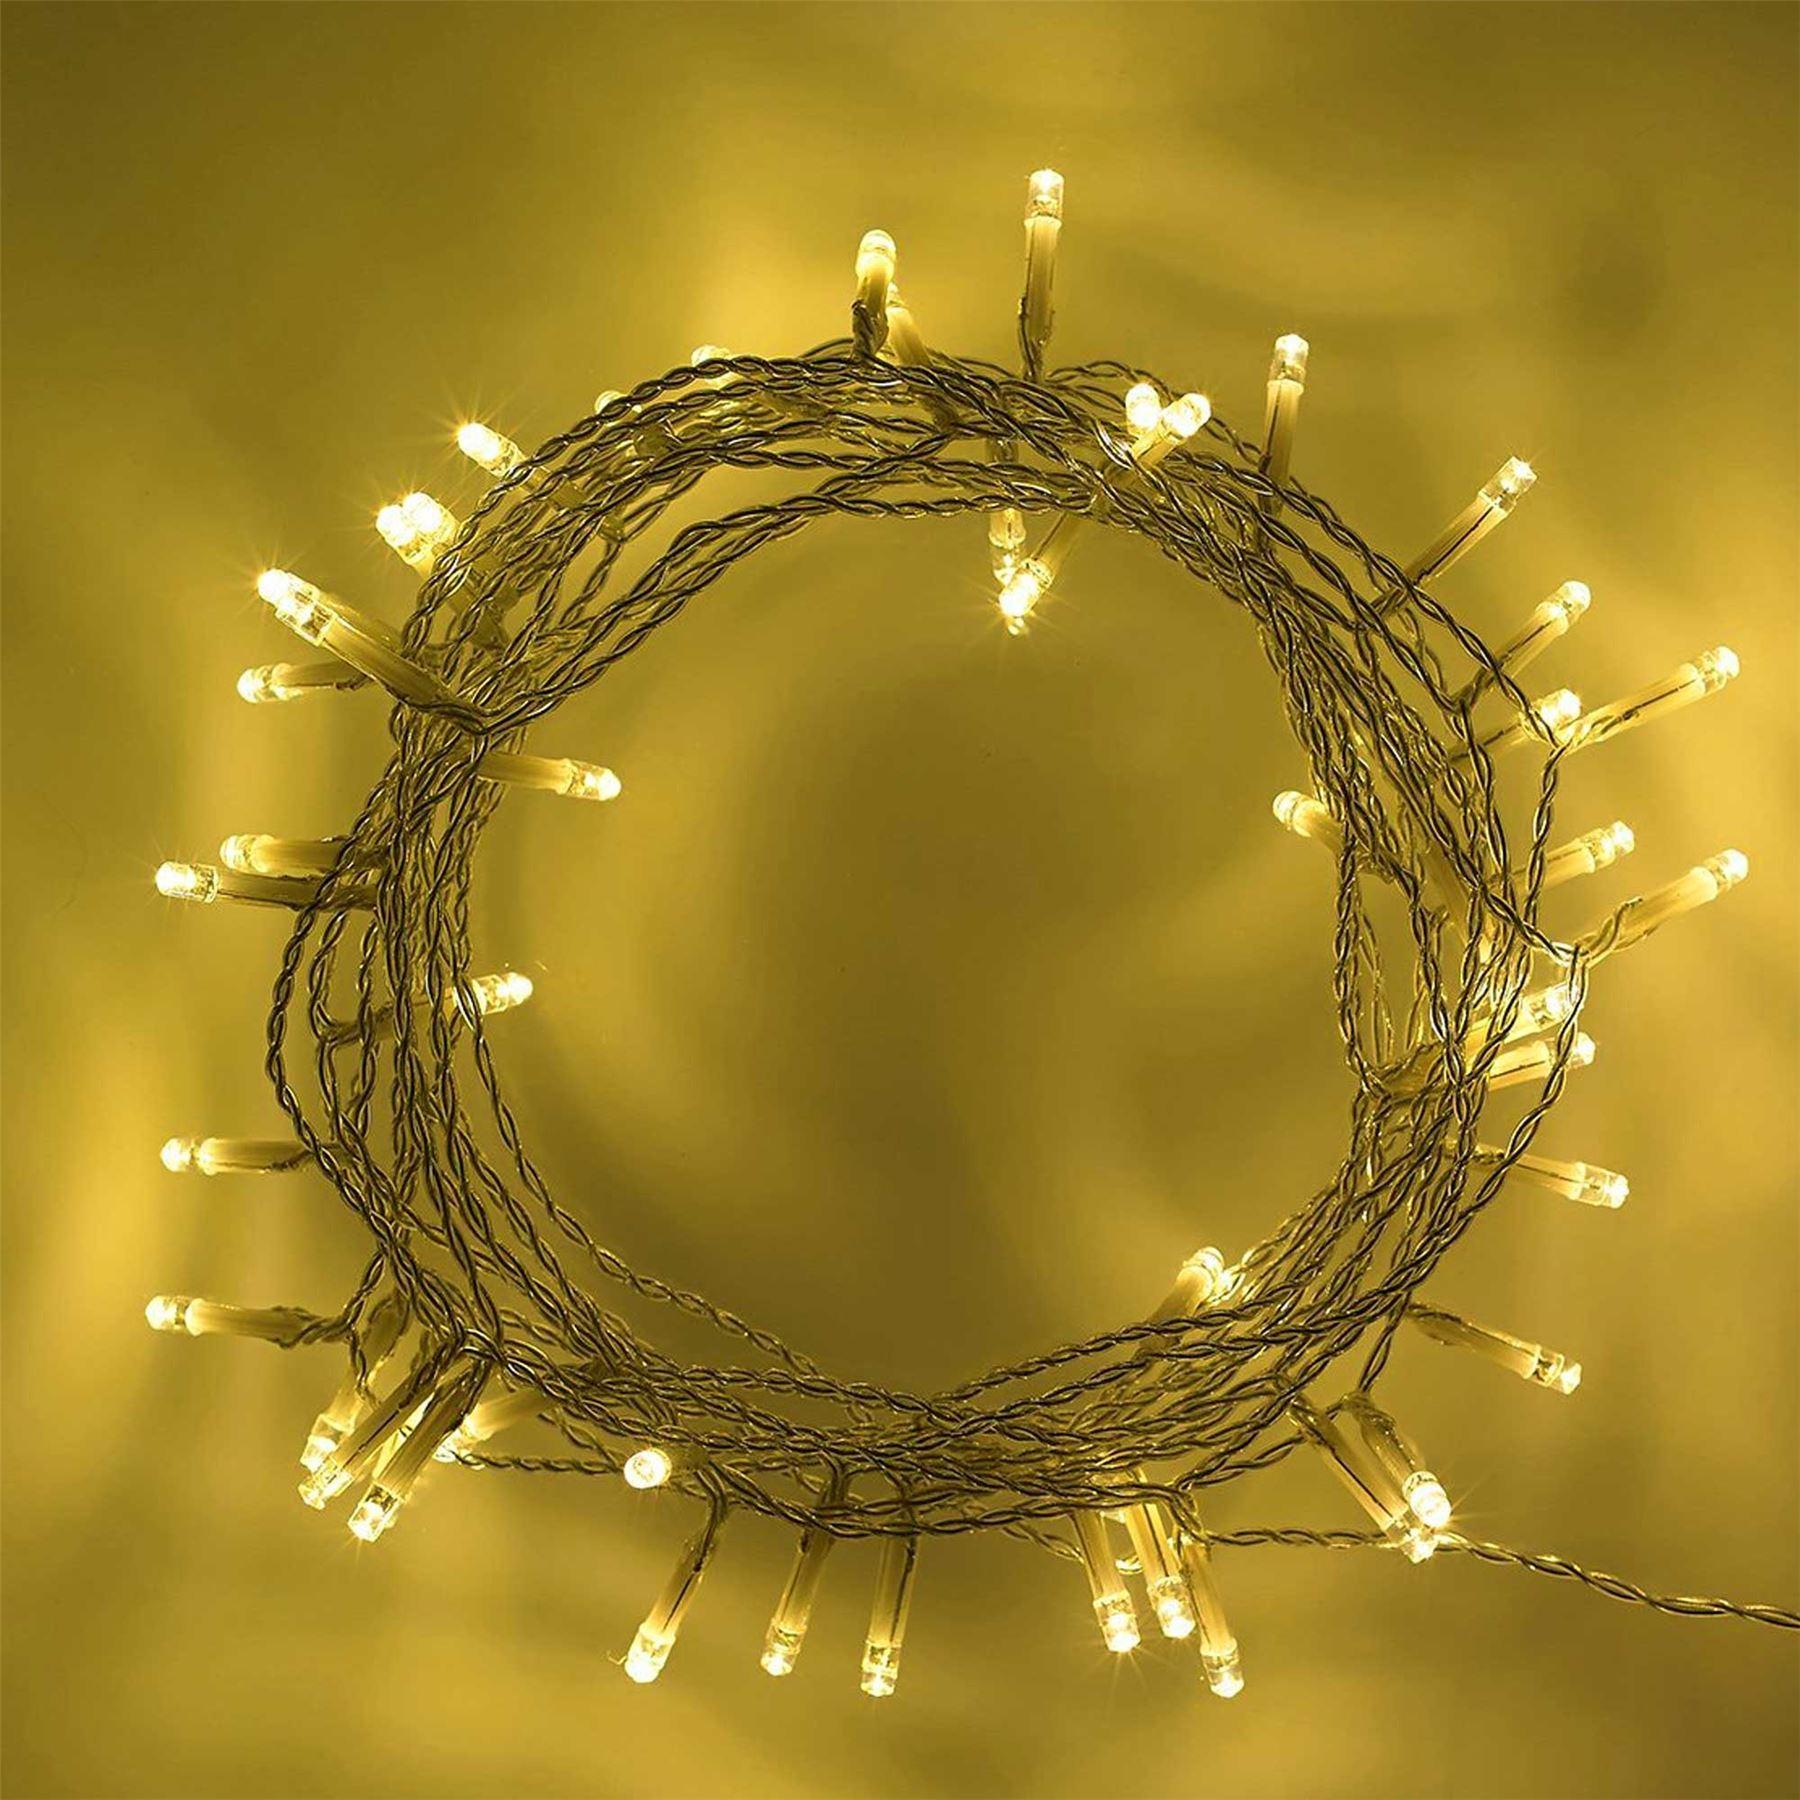 20-40-50-80-100-Batterie-DEL-Fairy-Lights-String-Fete-de-mariage-Decorations-Cuivre miniature 14